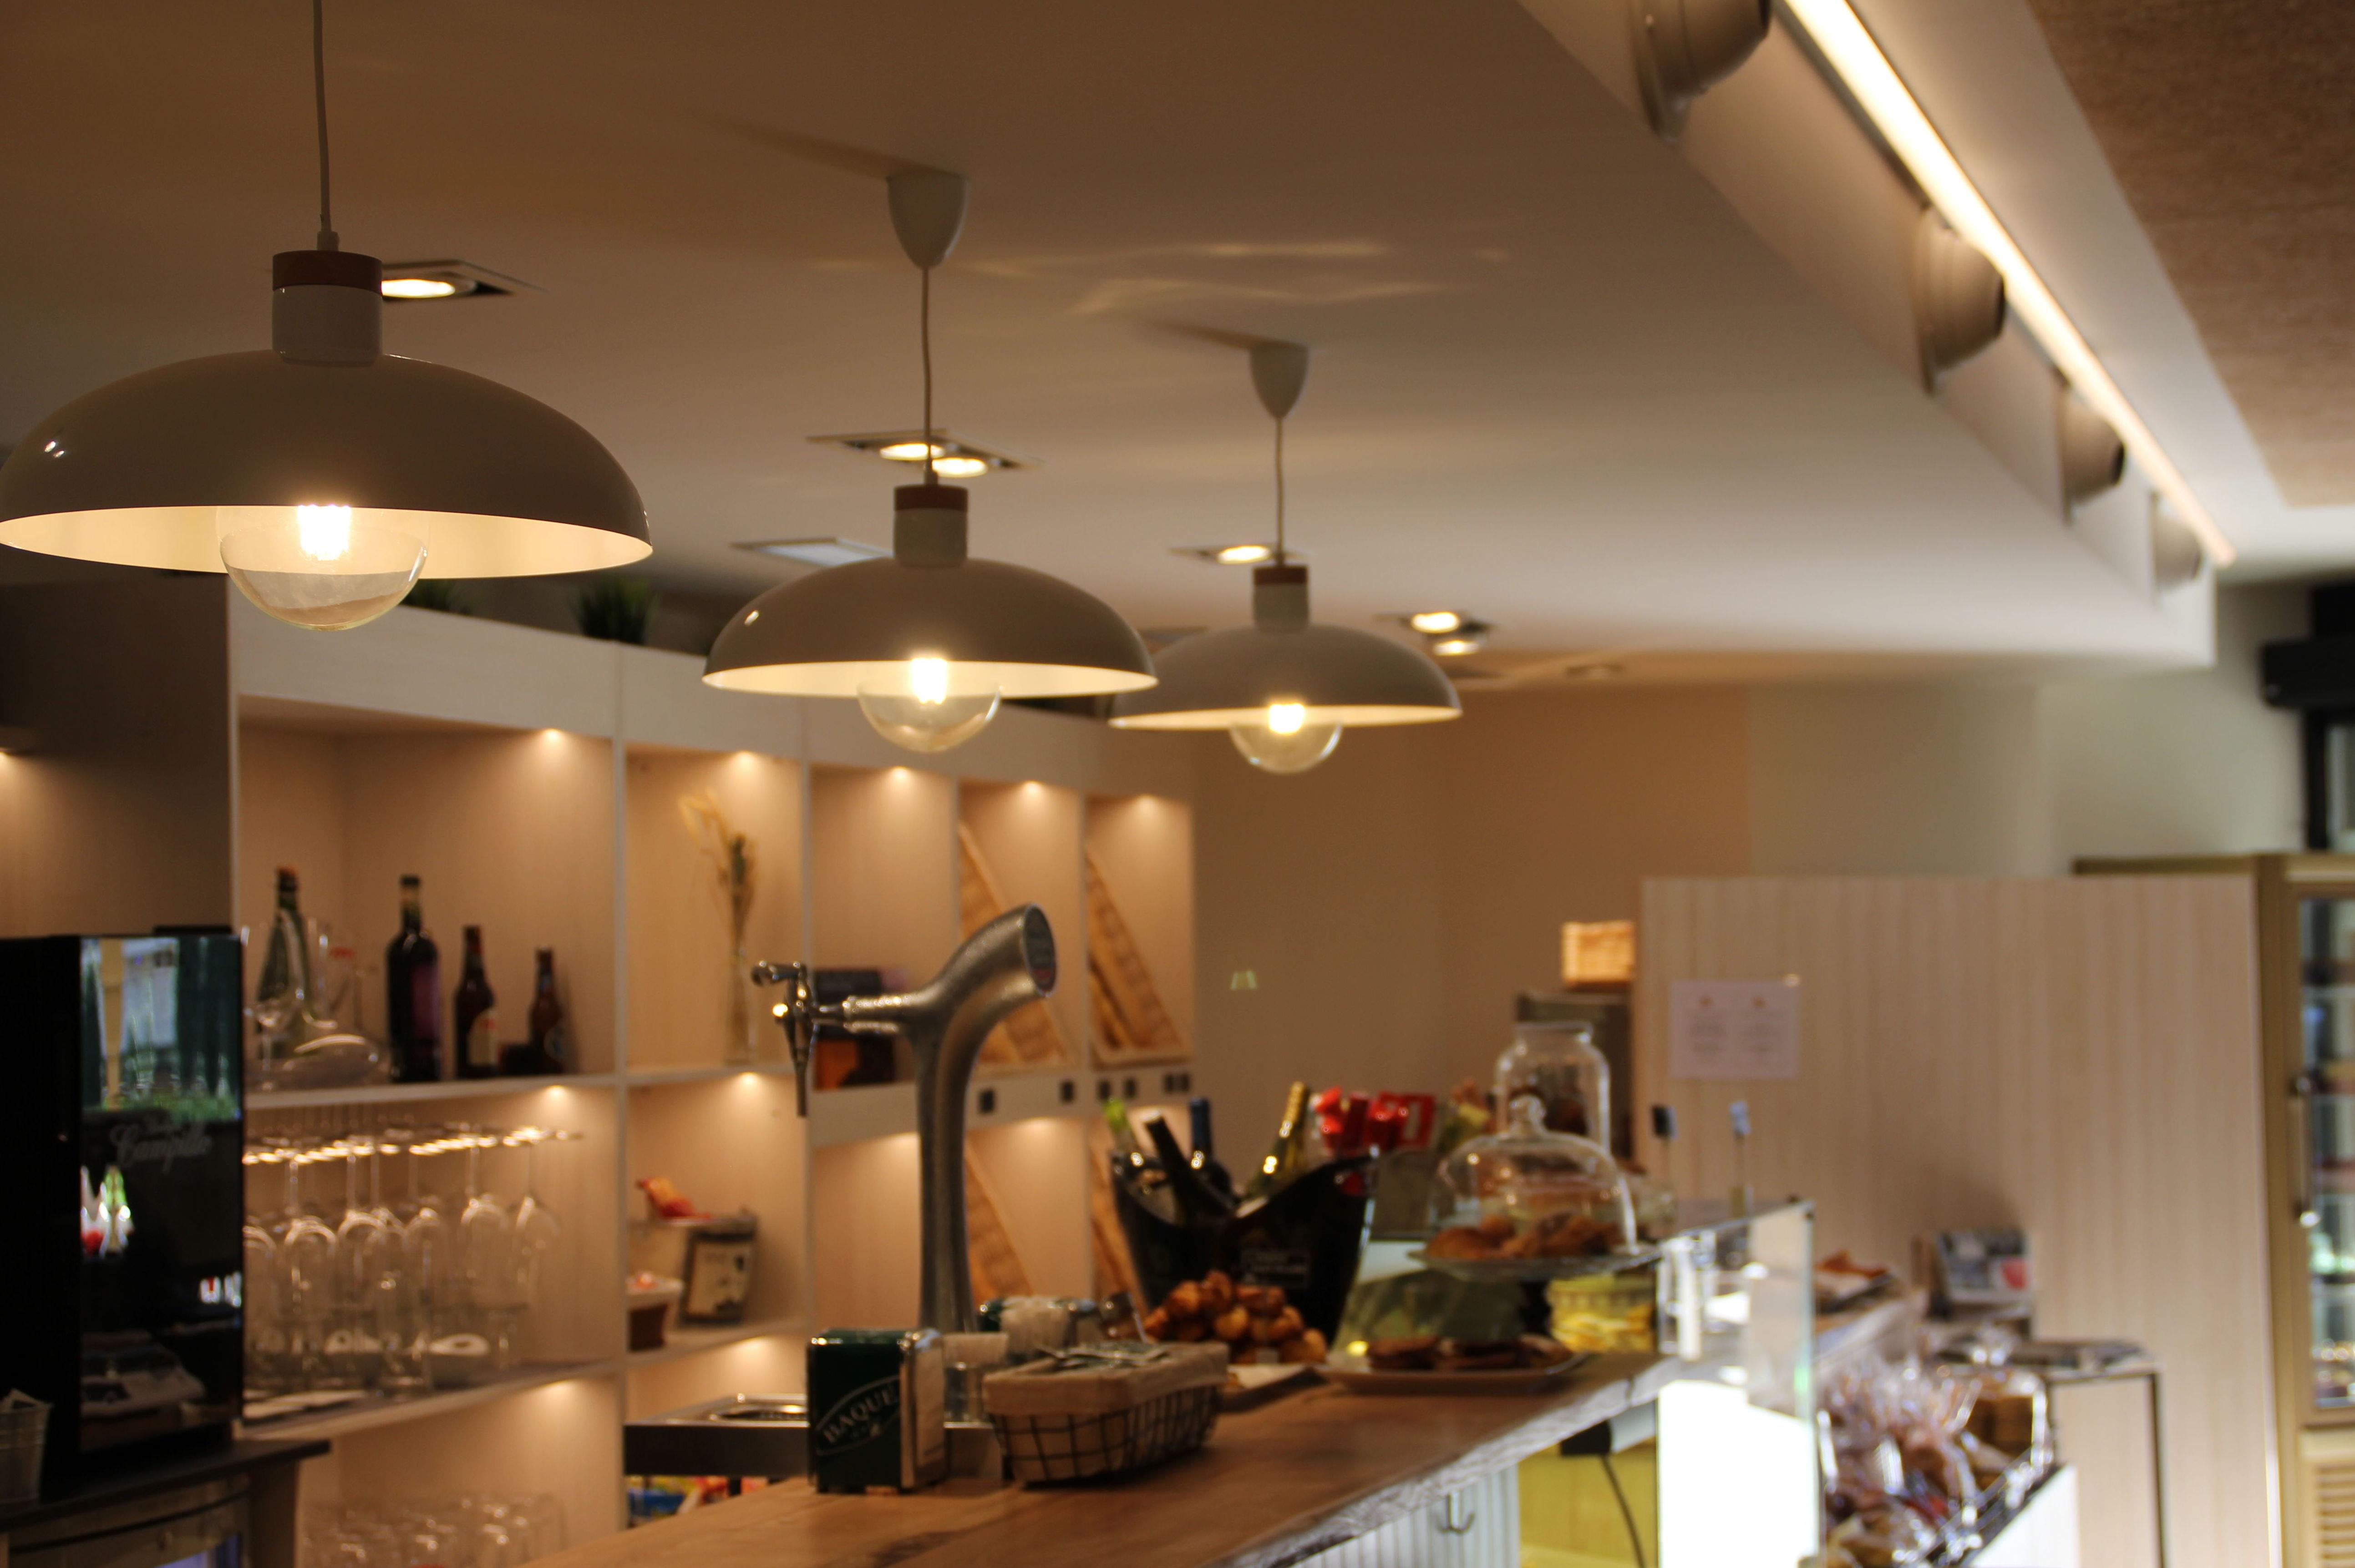 Foto 22 de Iluminación y lámparas en Bergara | Ixotu Goi